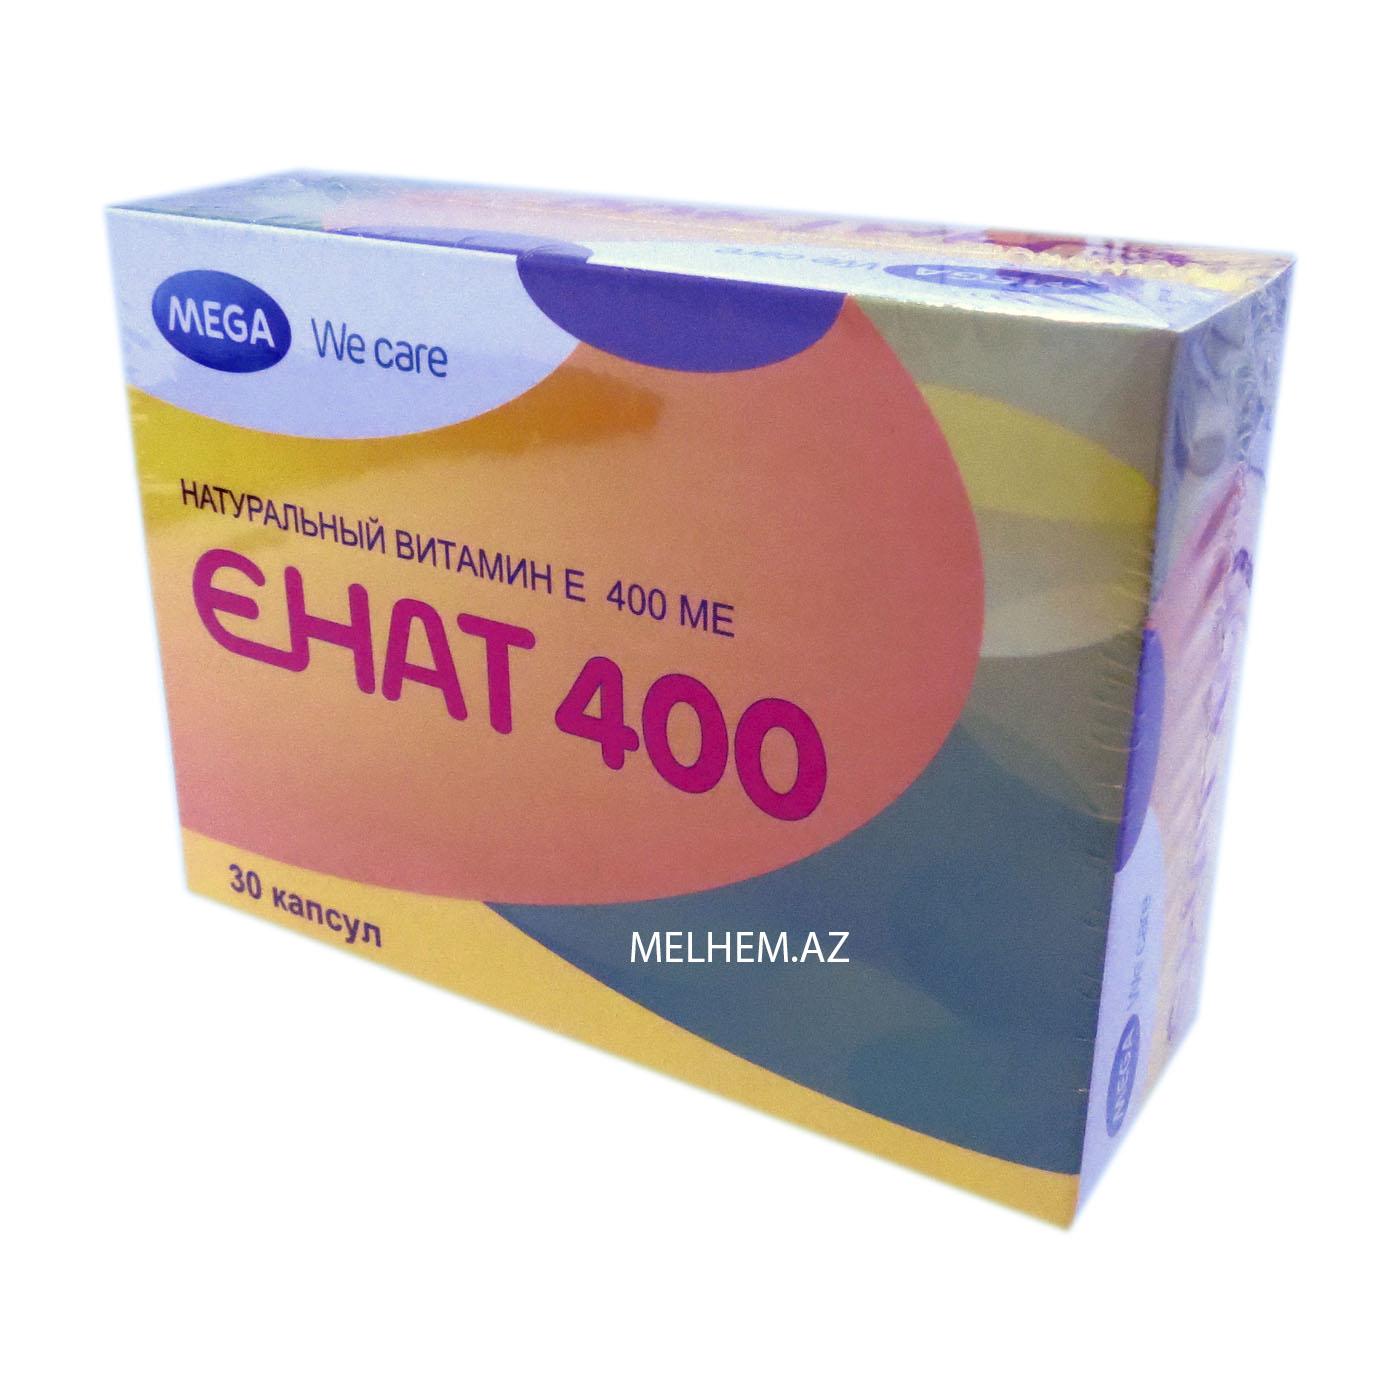 ENAT 400